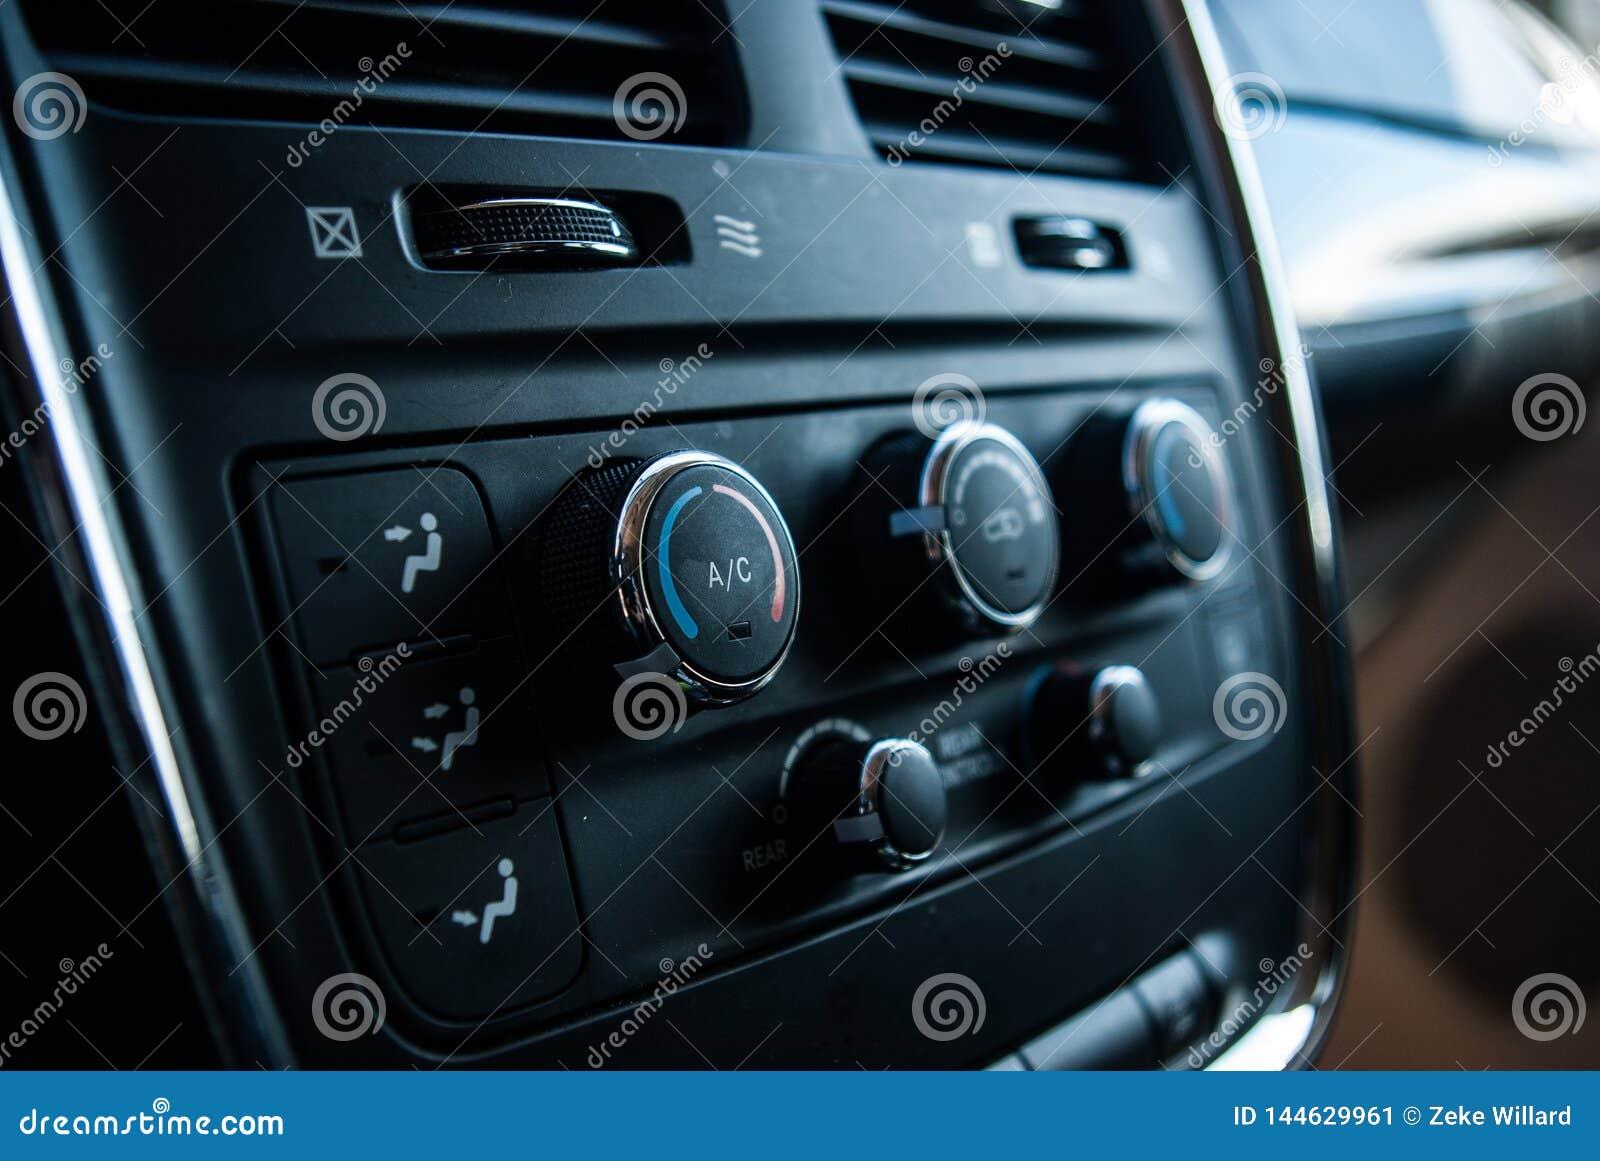 Close up black mini van interior, a/c dials